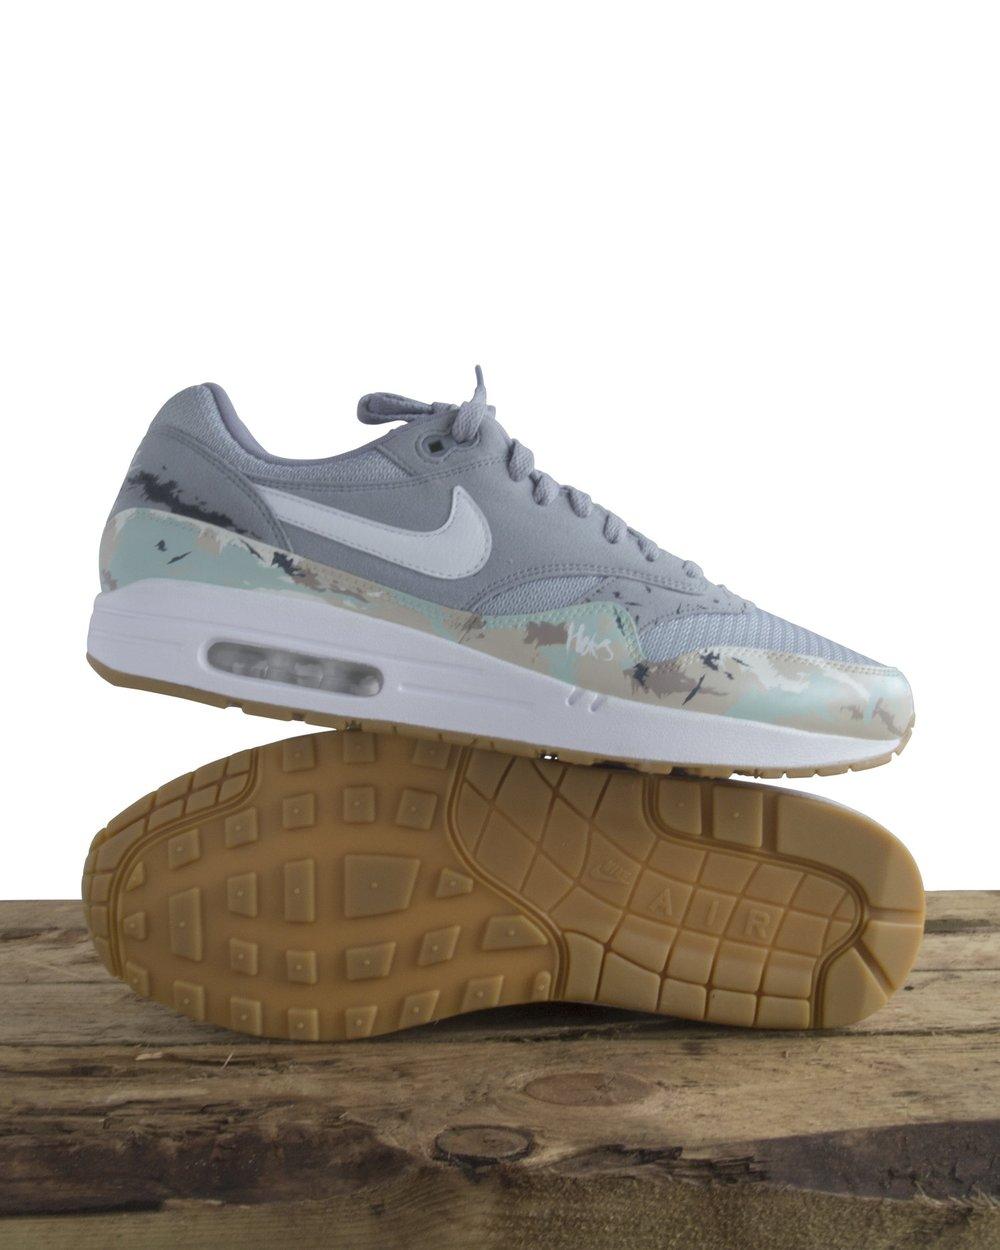 Nike AM1 - commission